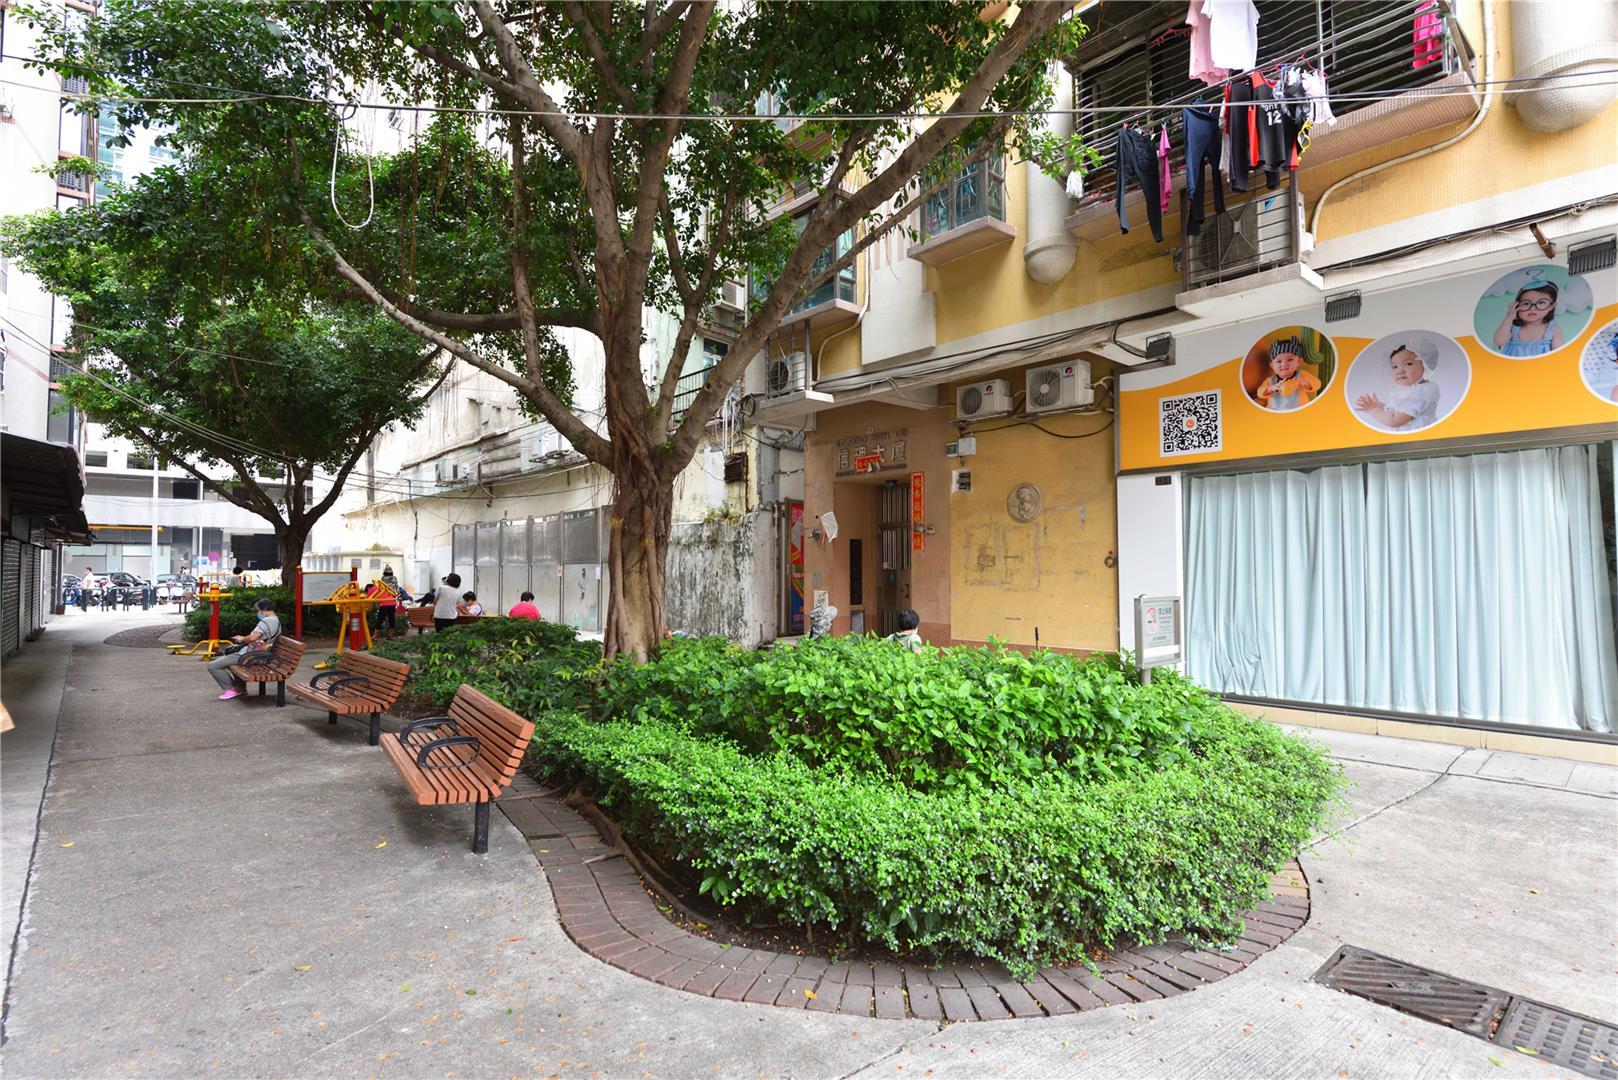 Leisure Area in Rua dos Estaleiros